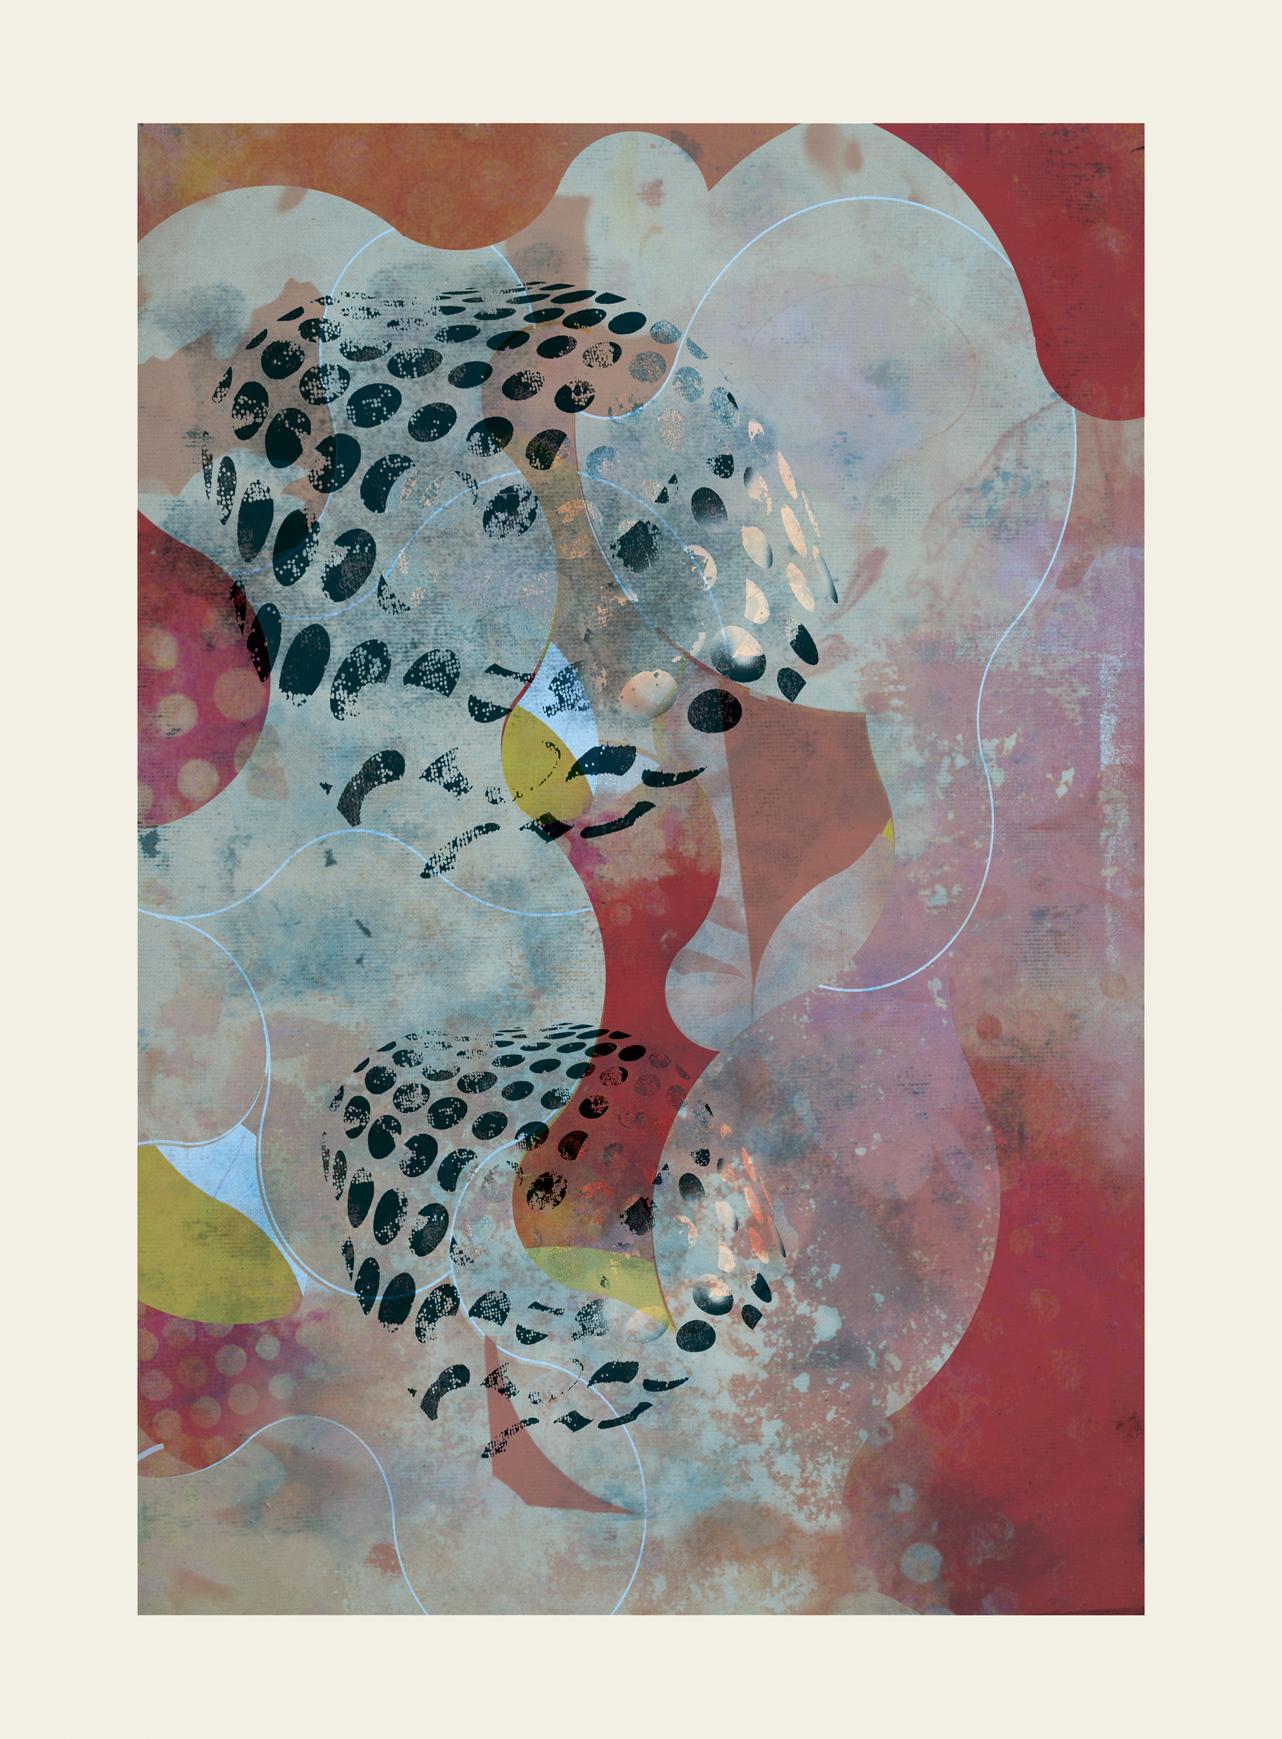 ST0052-Contemporary, Abstract Gestual, Street art, Pop art, Modern, Geometric